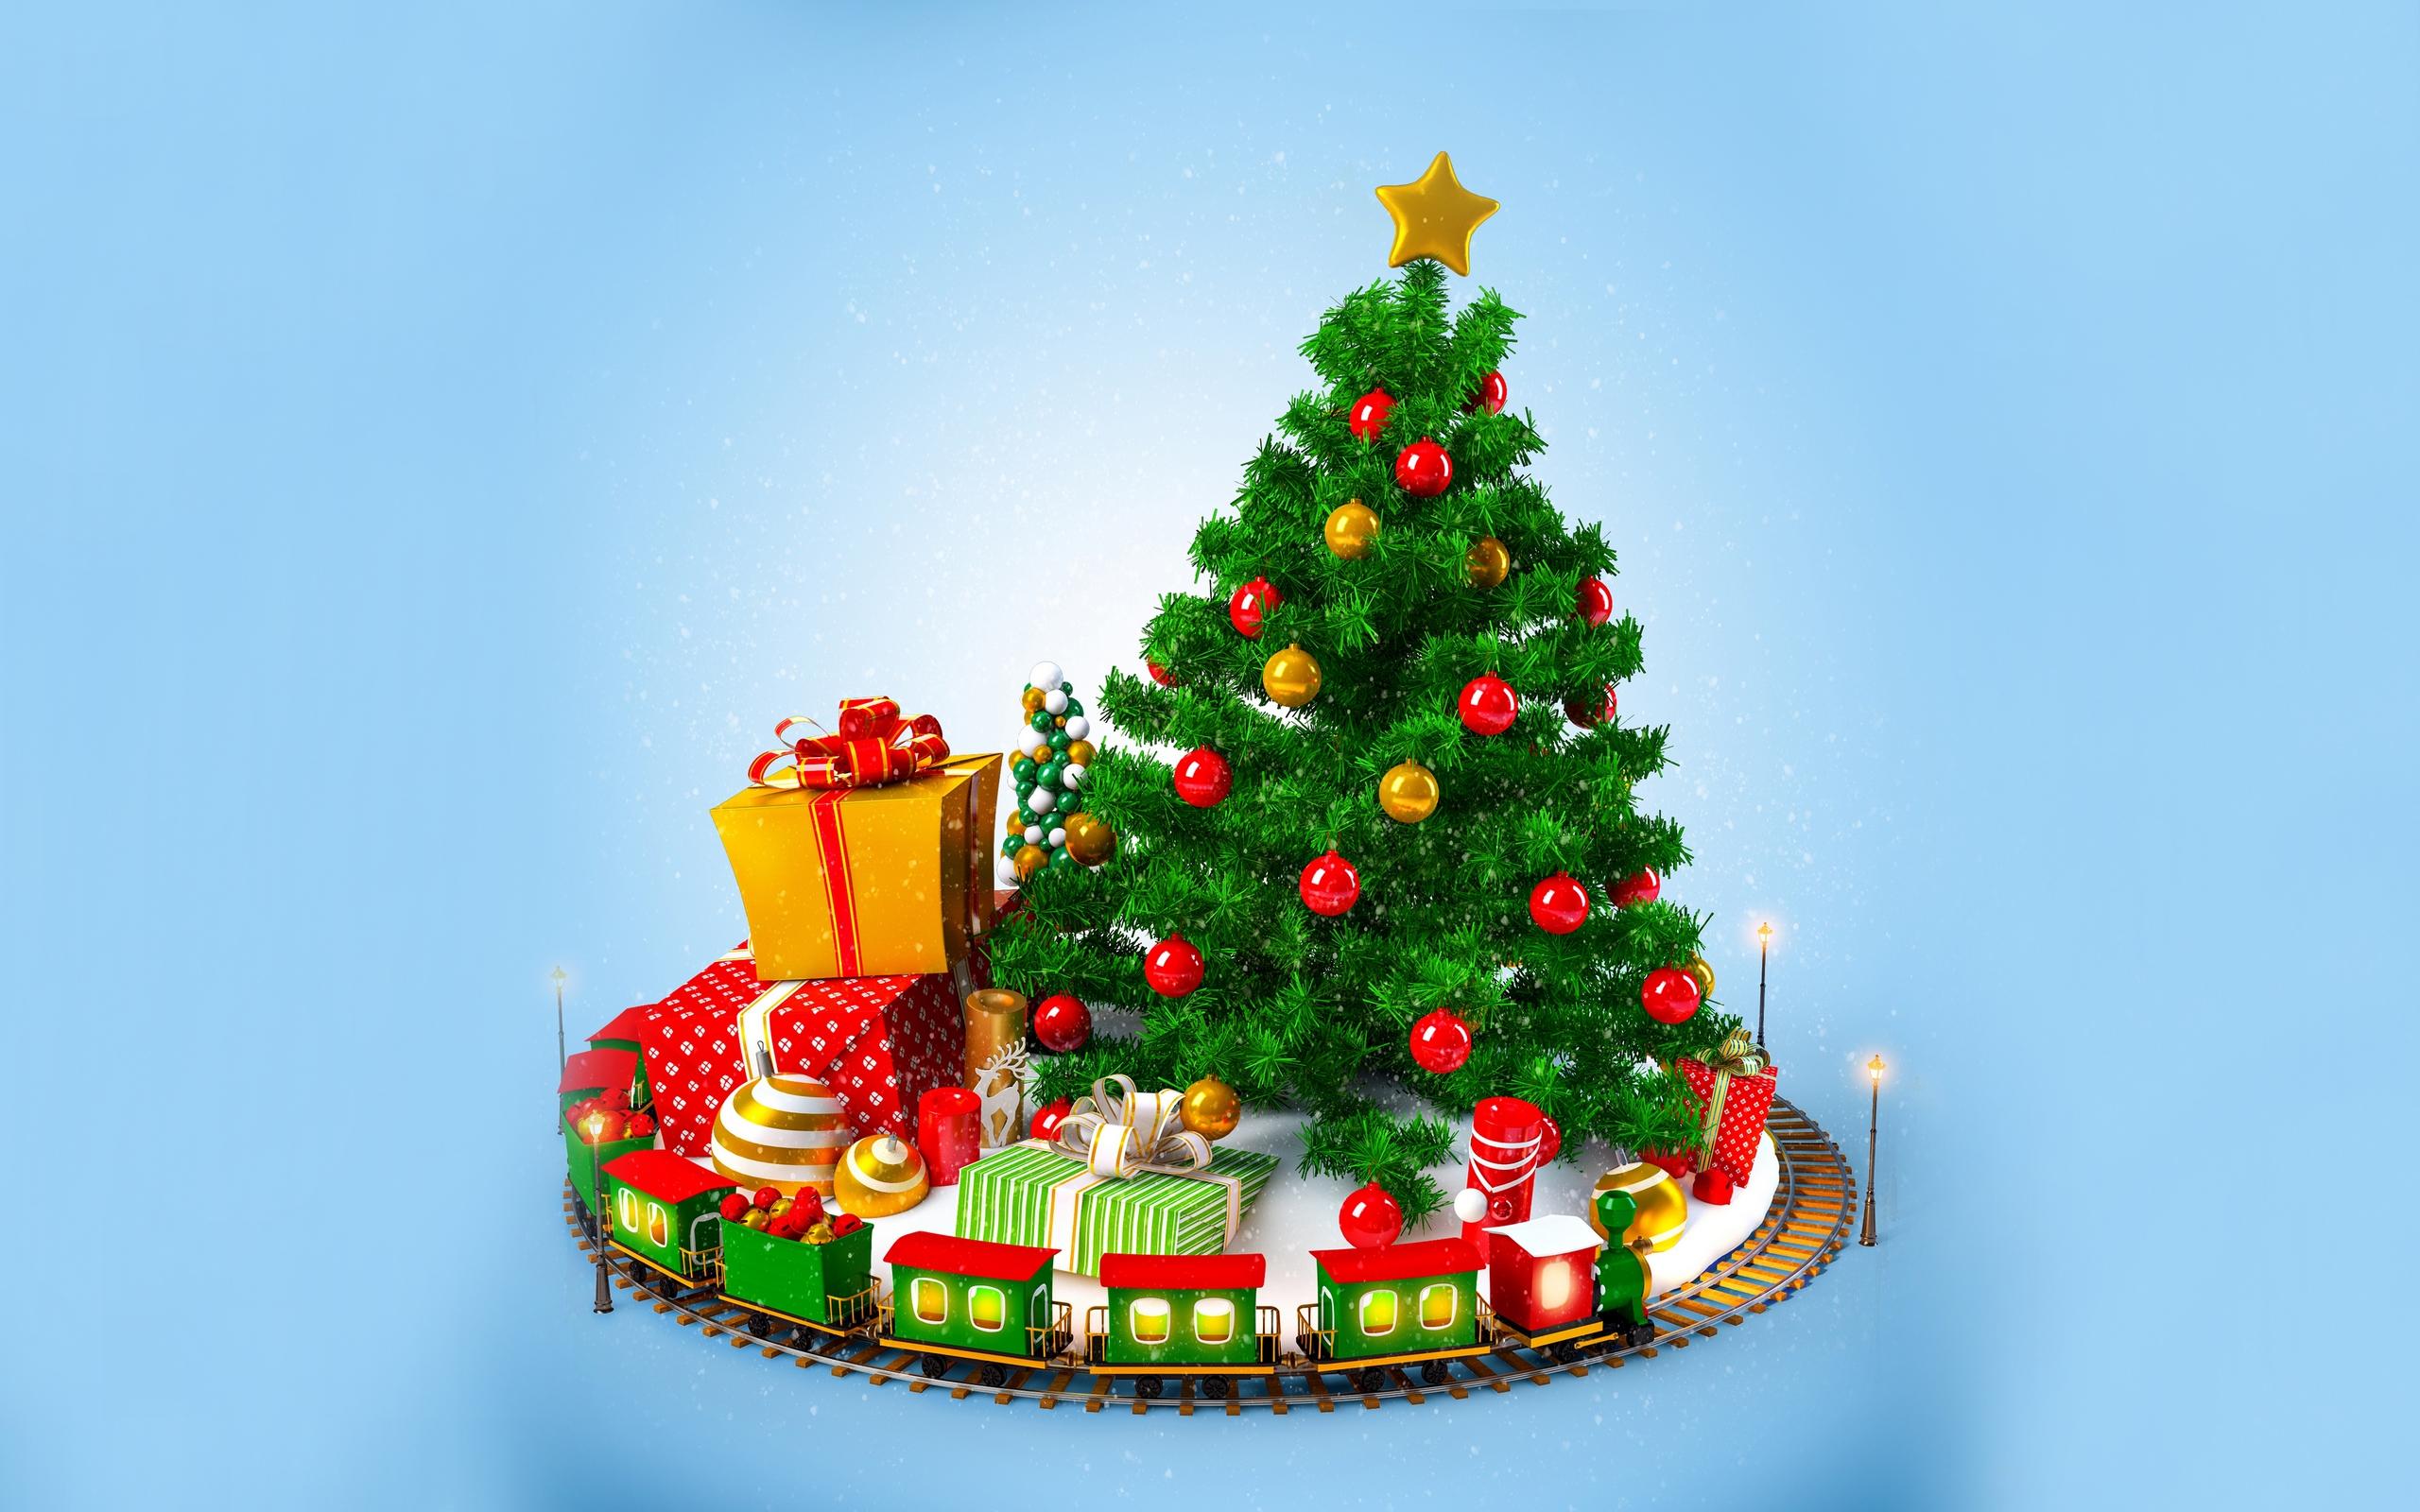 новогодняя елка, новогодние игрушки, подарки